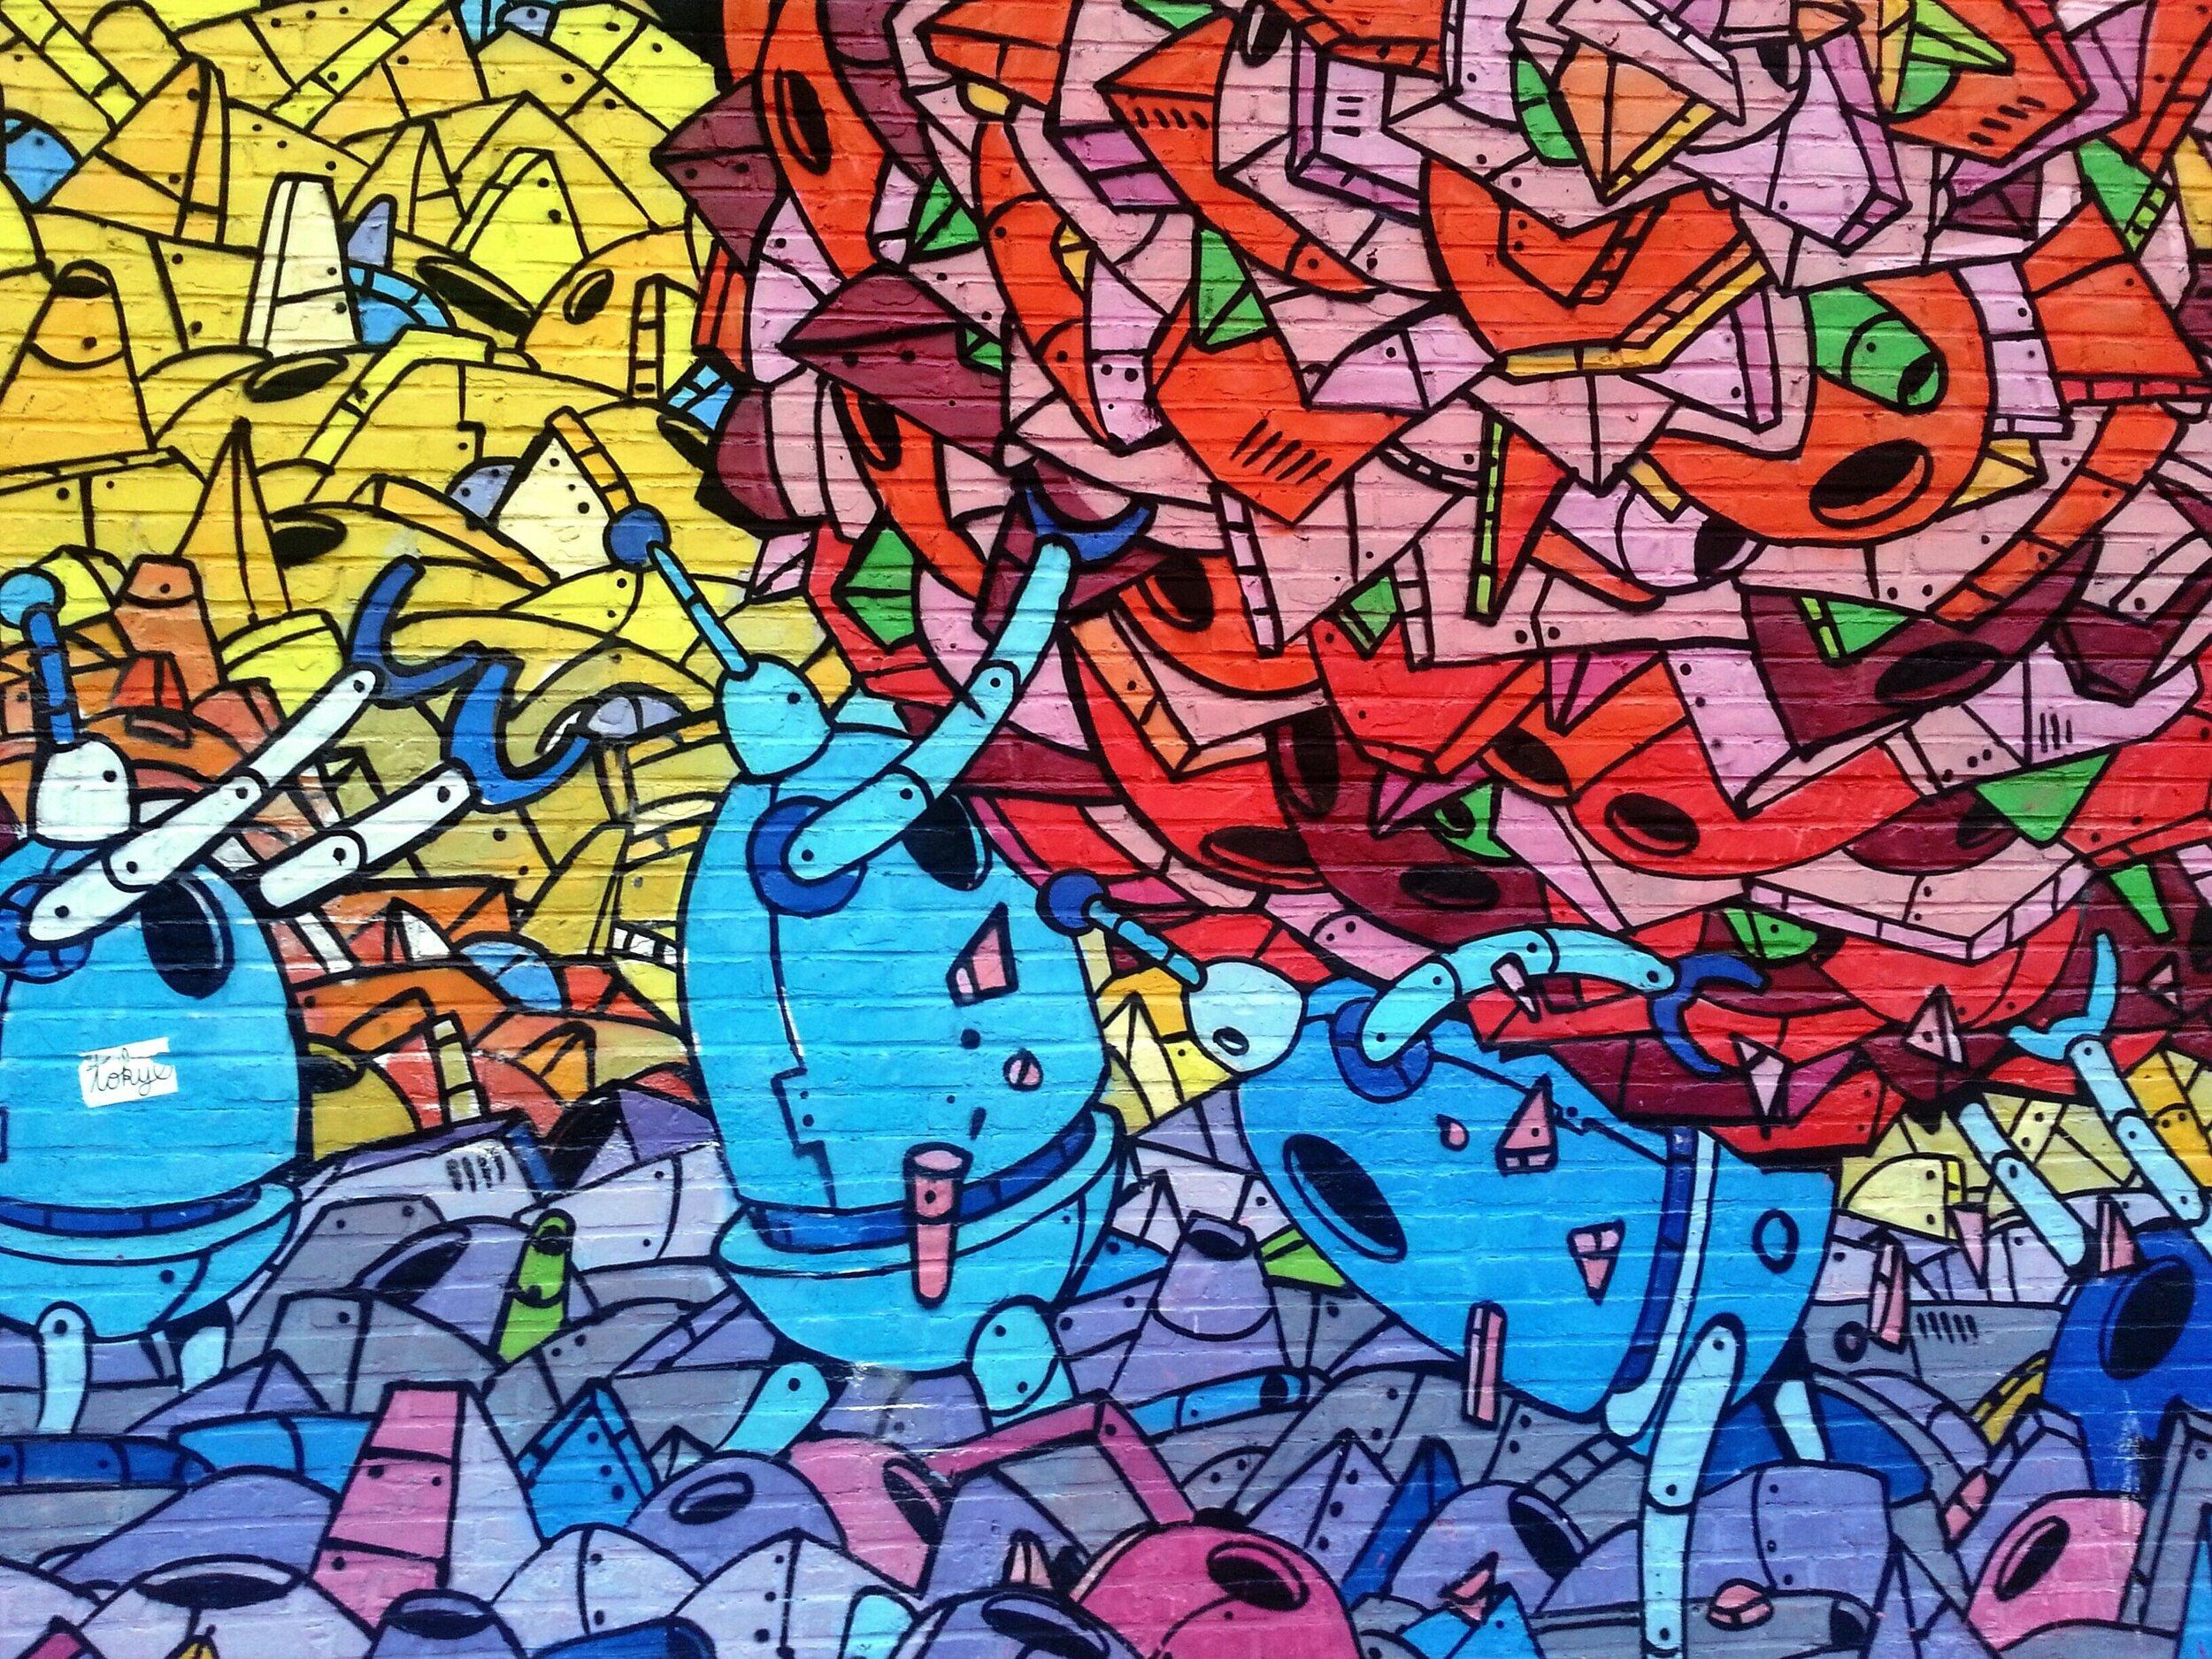 graffiti-569265.jpg